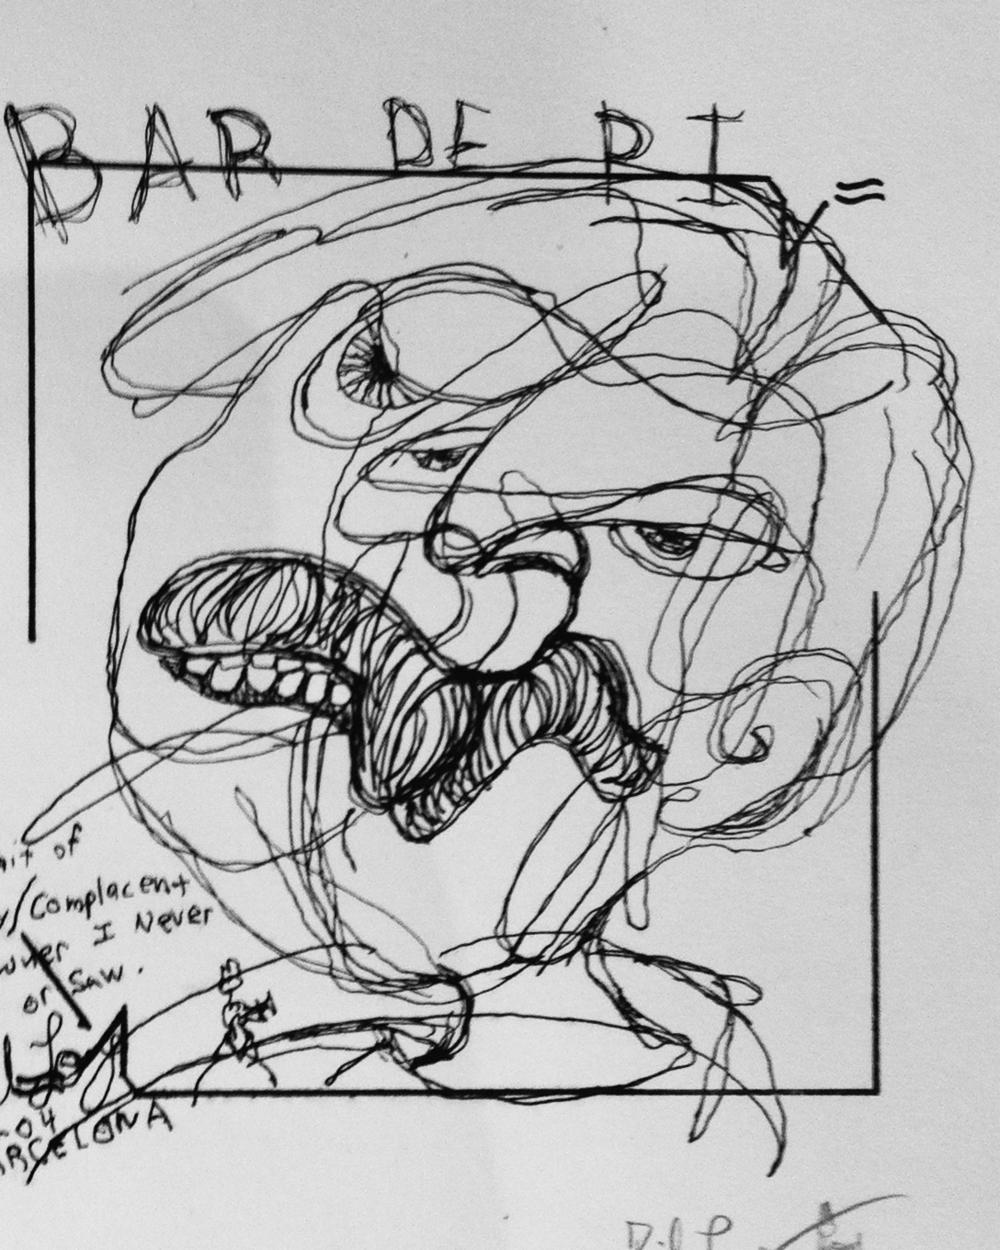 Bar de Pi for transparency sketch.jpg